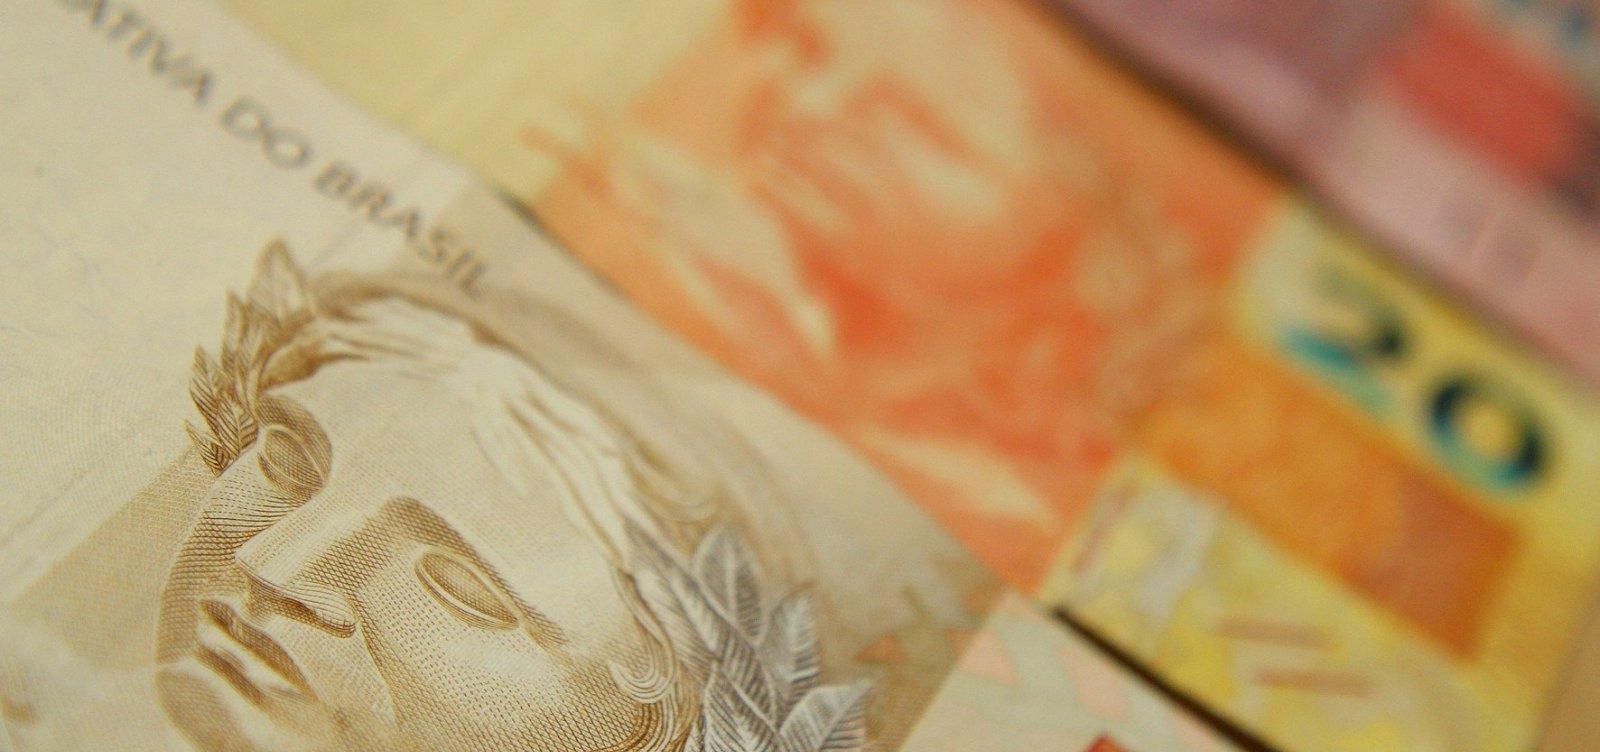 OCDE diminui previsão de crescimento do PIB brasileiro a 1,2% em 2018